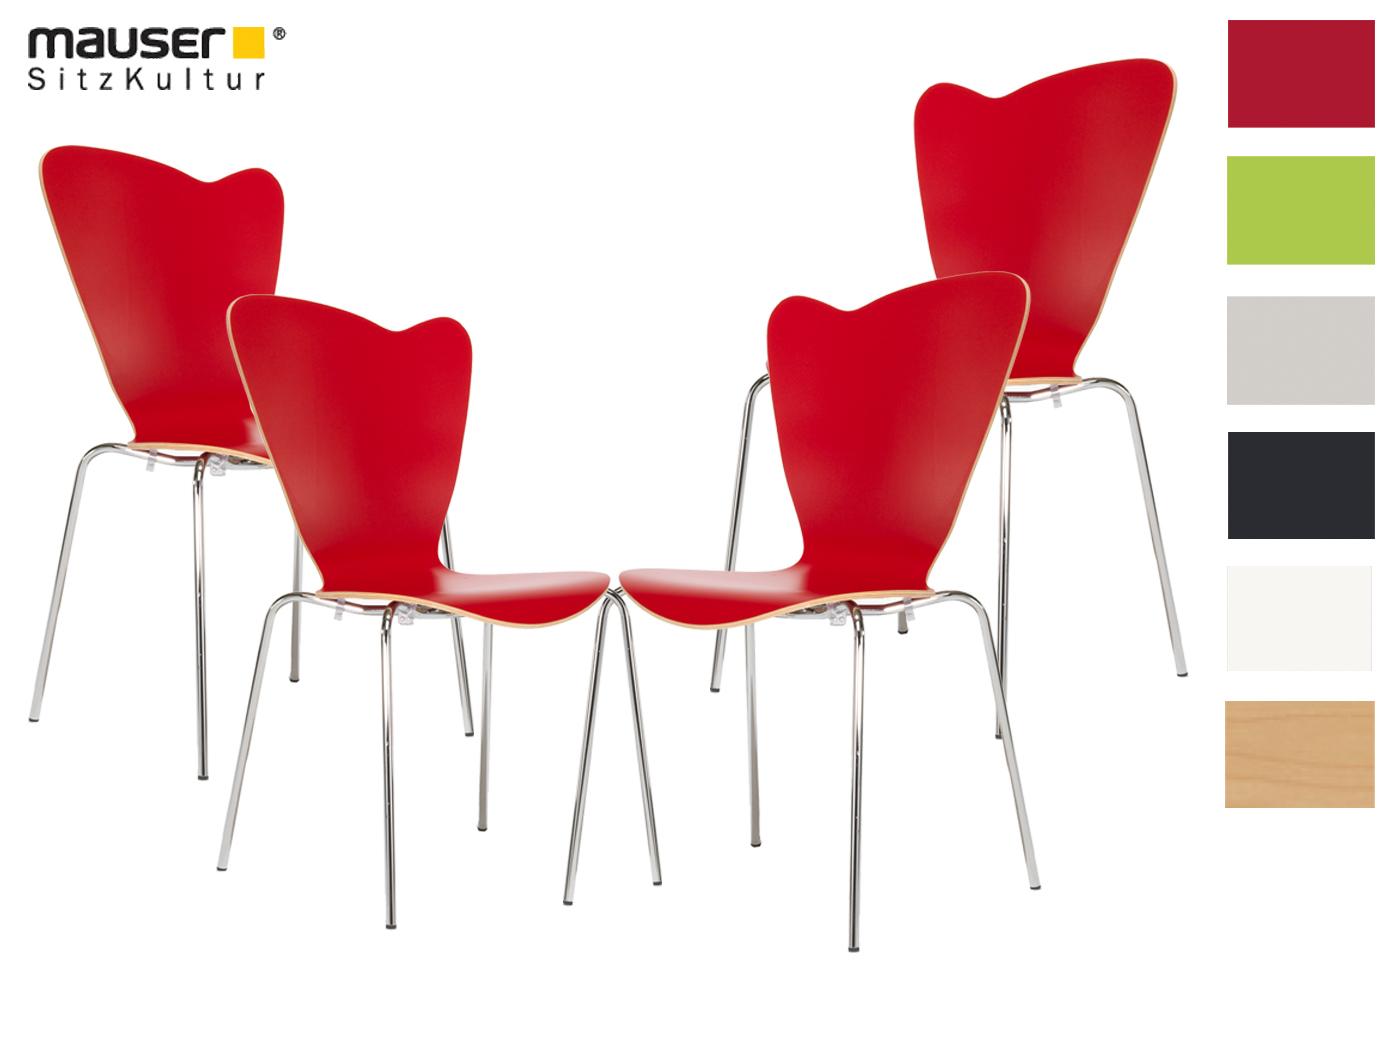 4er design stuhl heart rot stapelstuhl esszimmerstuhl for Stuhl design rot